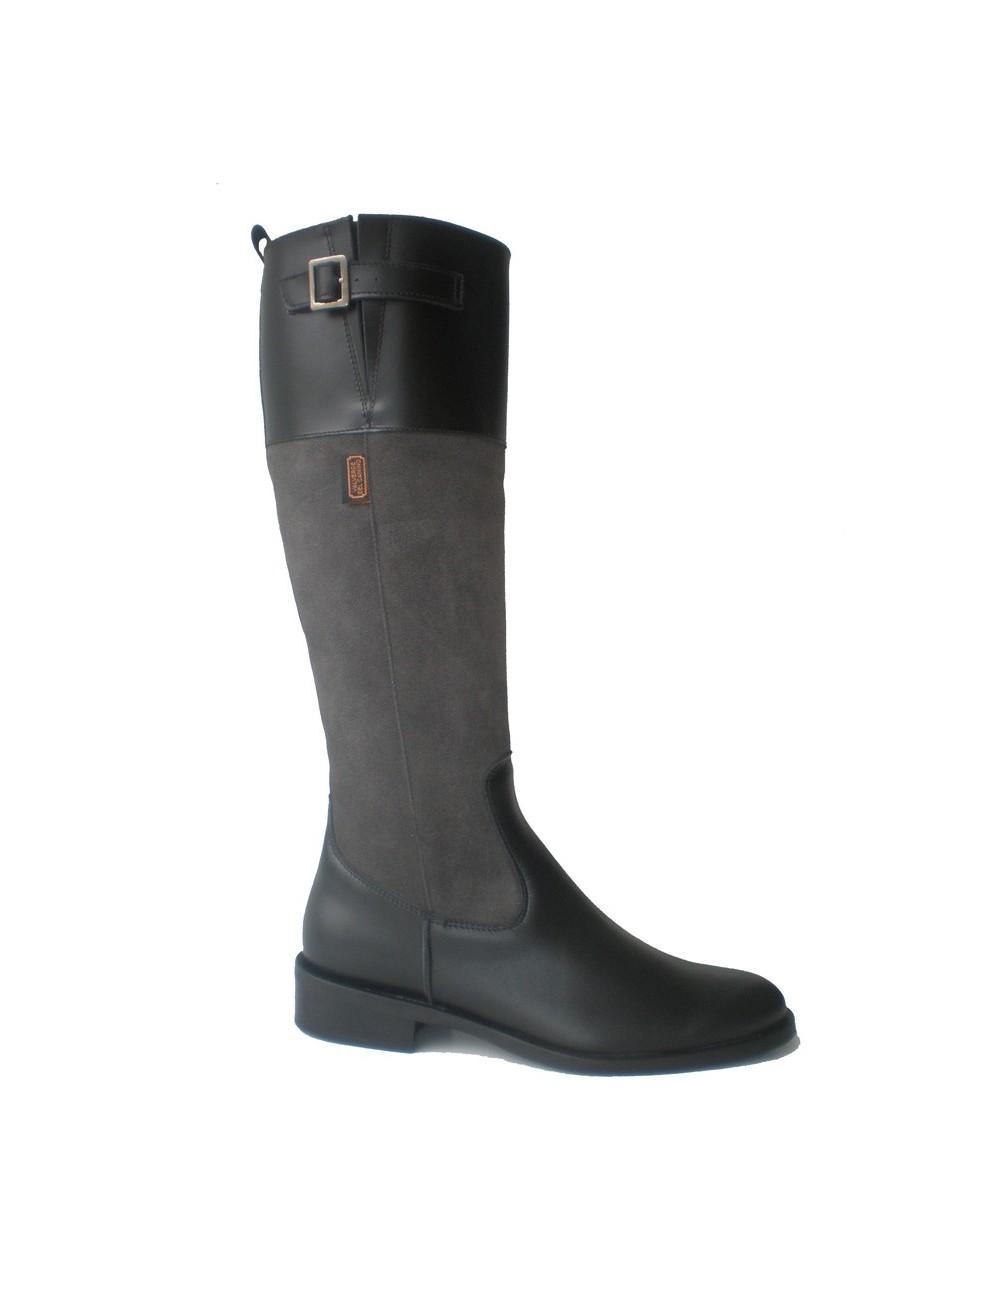 Bottes cavalières cuir gris et noir sur mesure